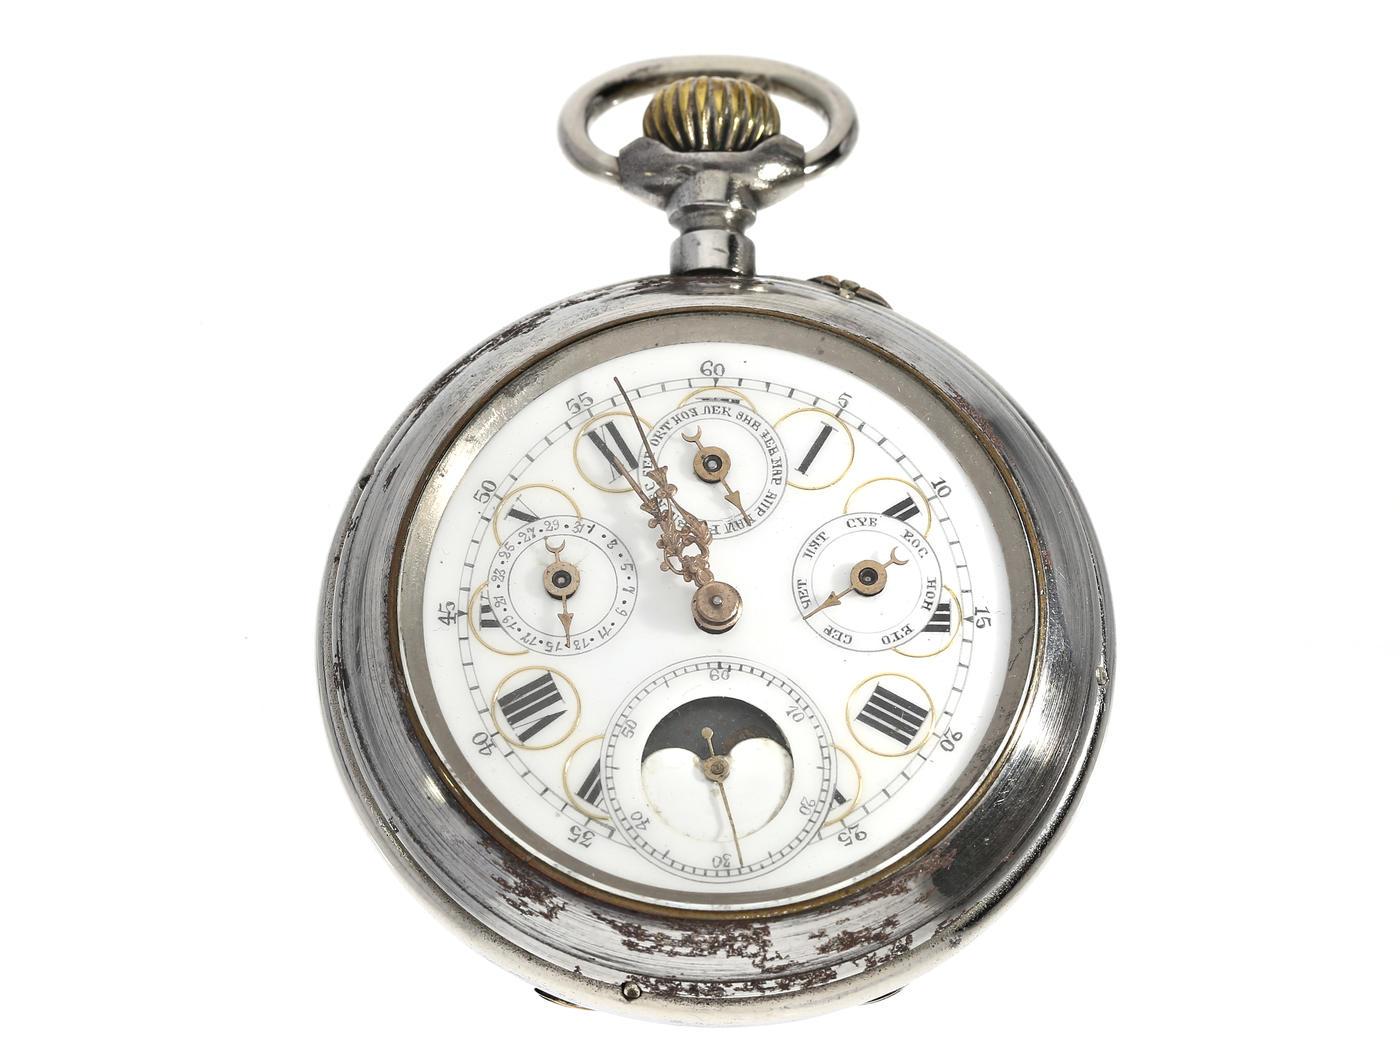 Taschenuhr: astronomische Kalender-Uhr mit seltenem Stahlgehäuse, Schweiz für den russischen